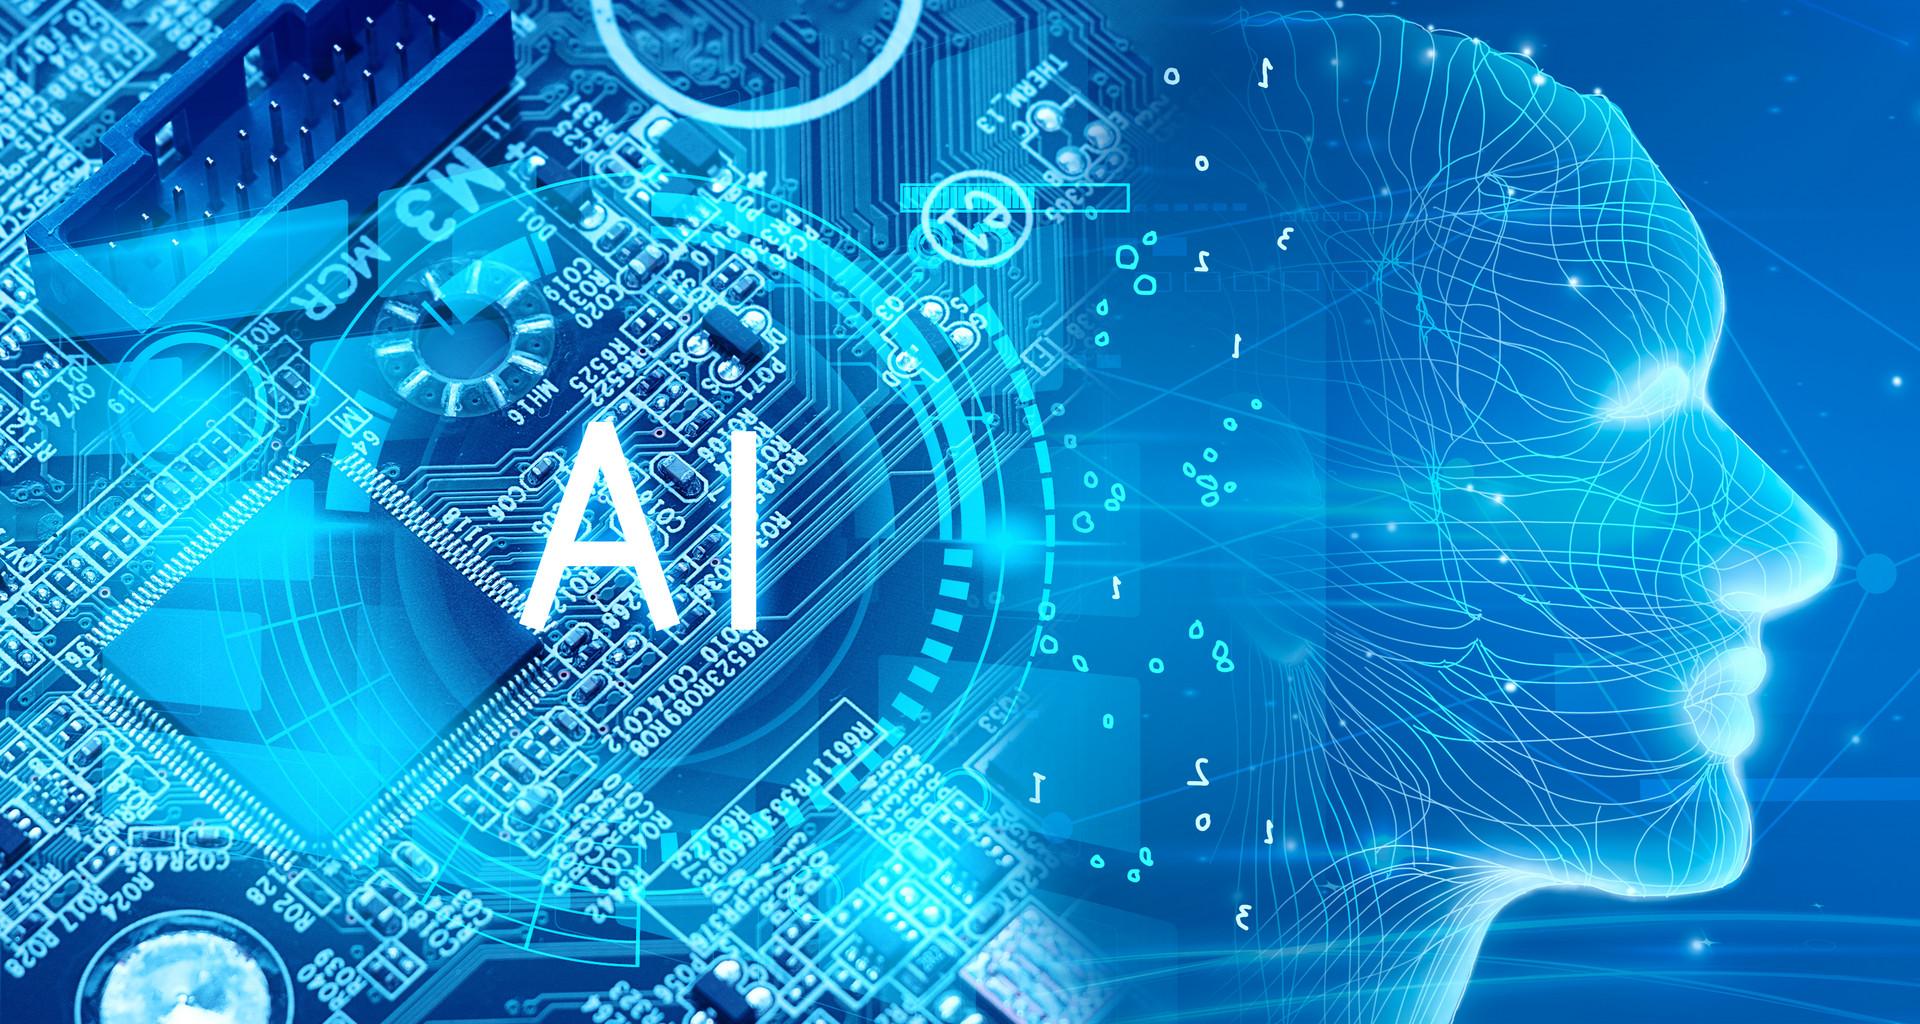 人工智能是如何�ふ液透��冠�畈《疽咔榈�